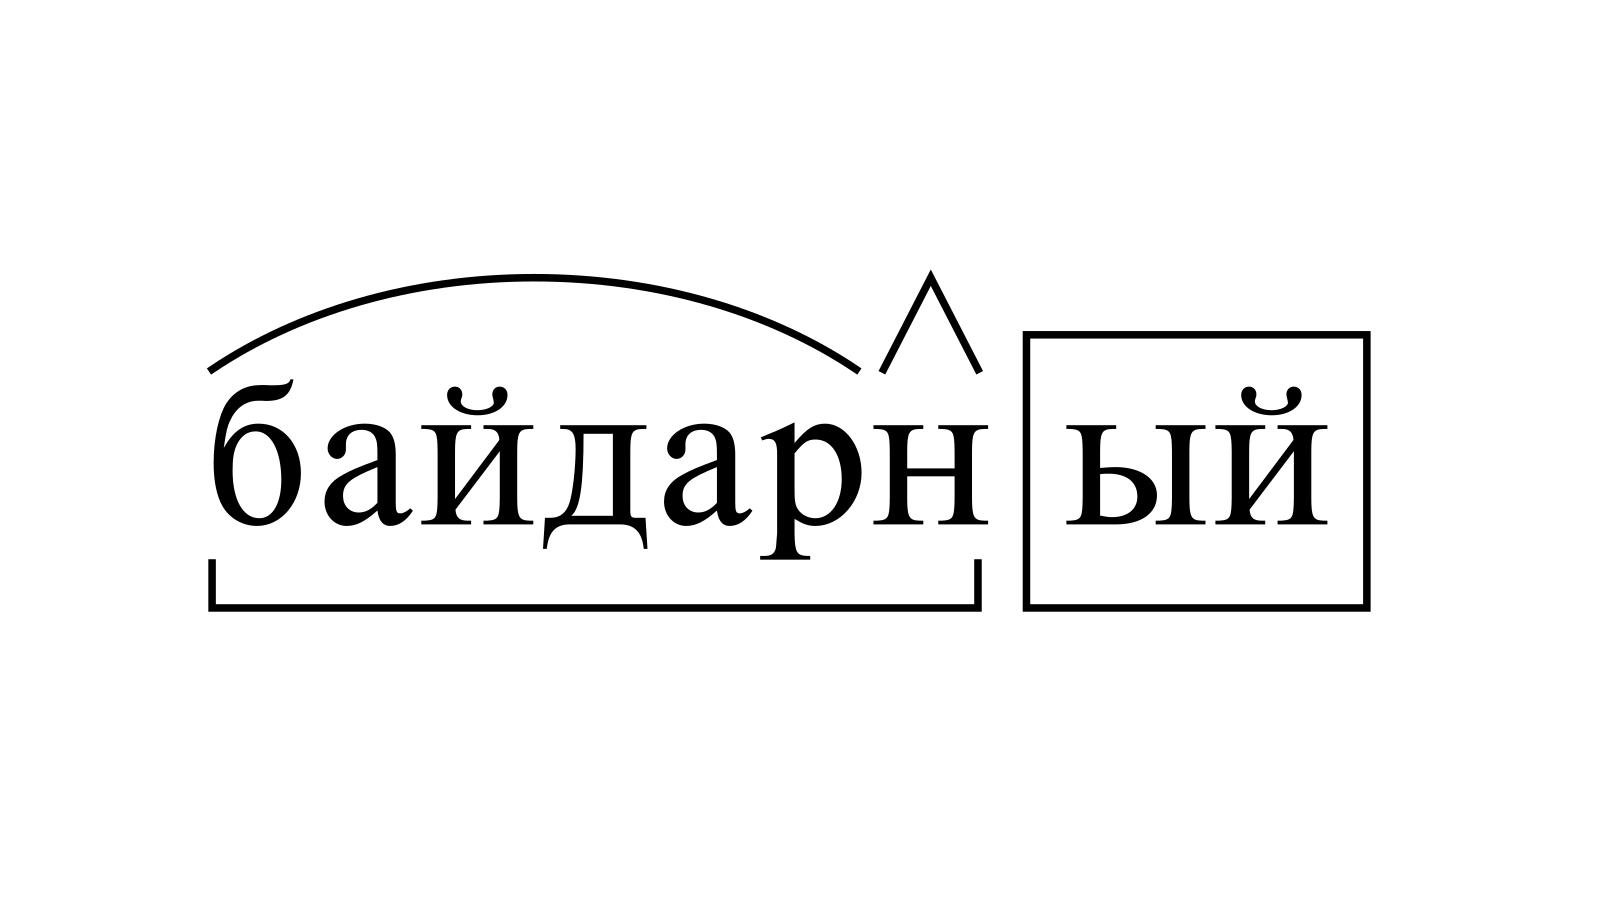 Разбор слова «байдарный» по составу